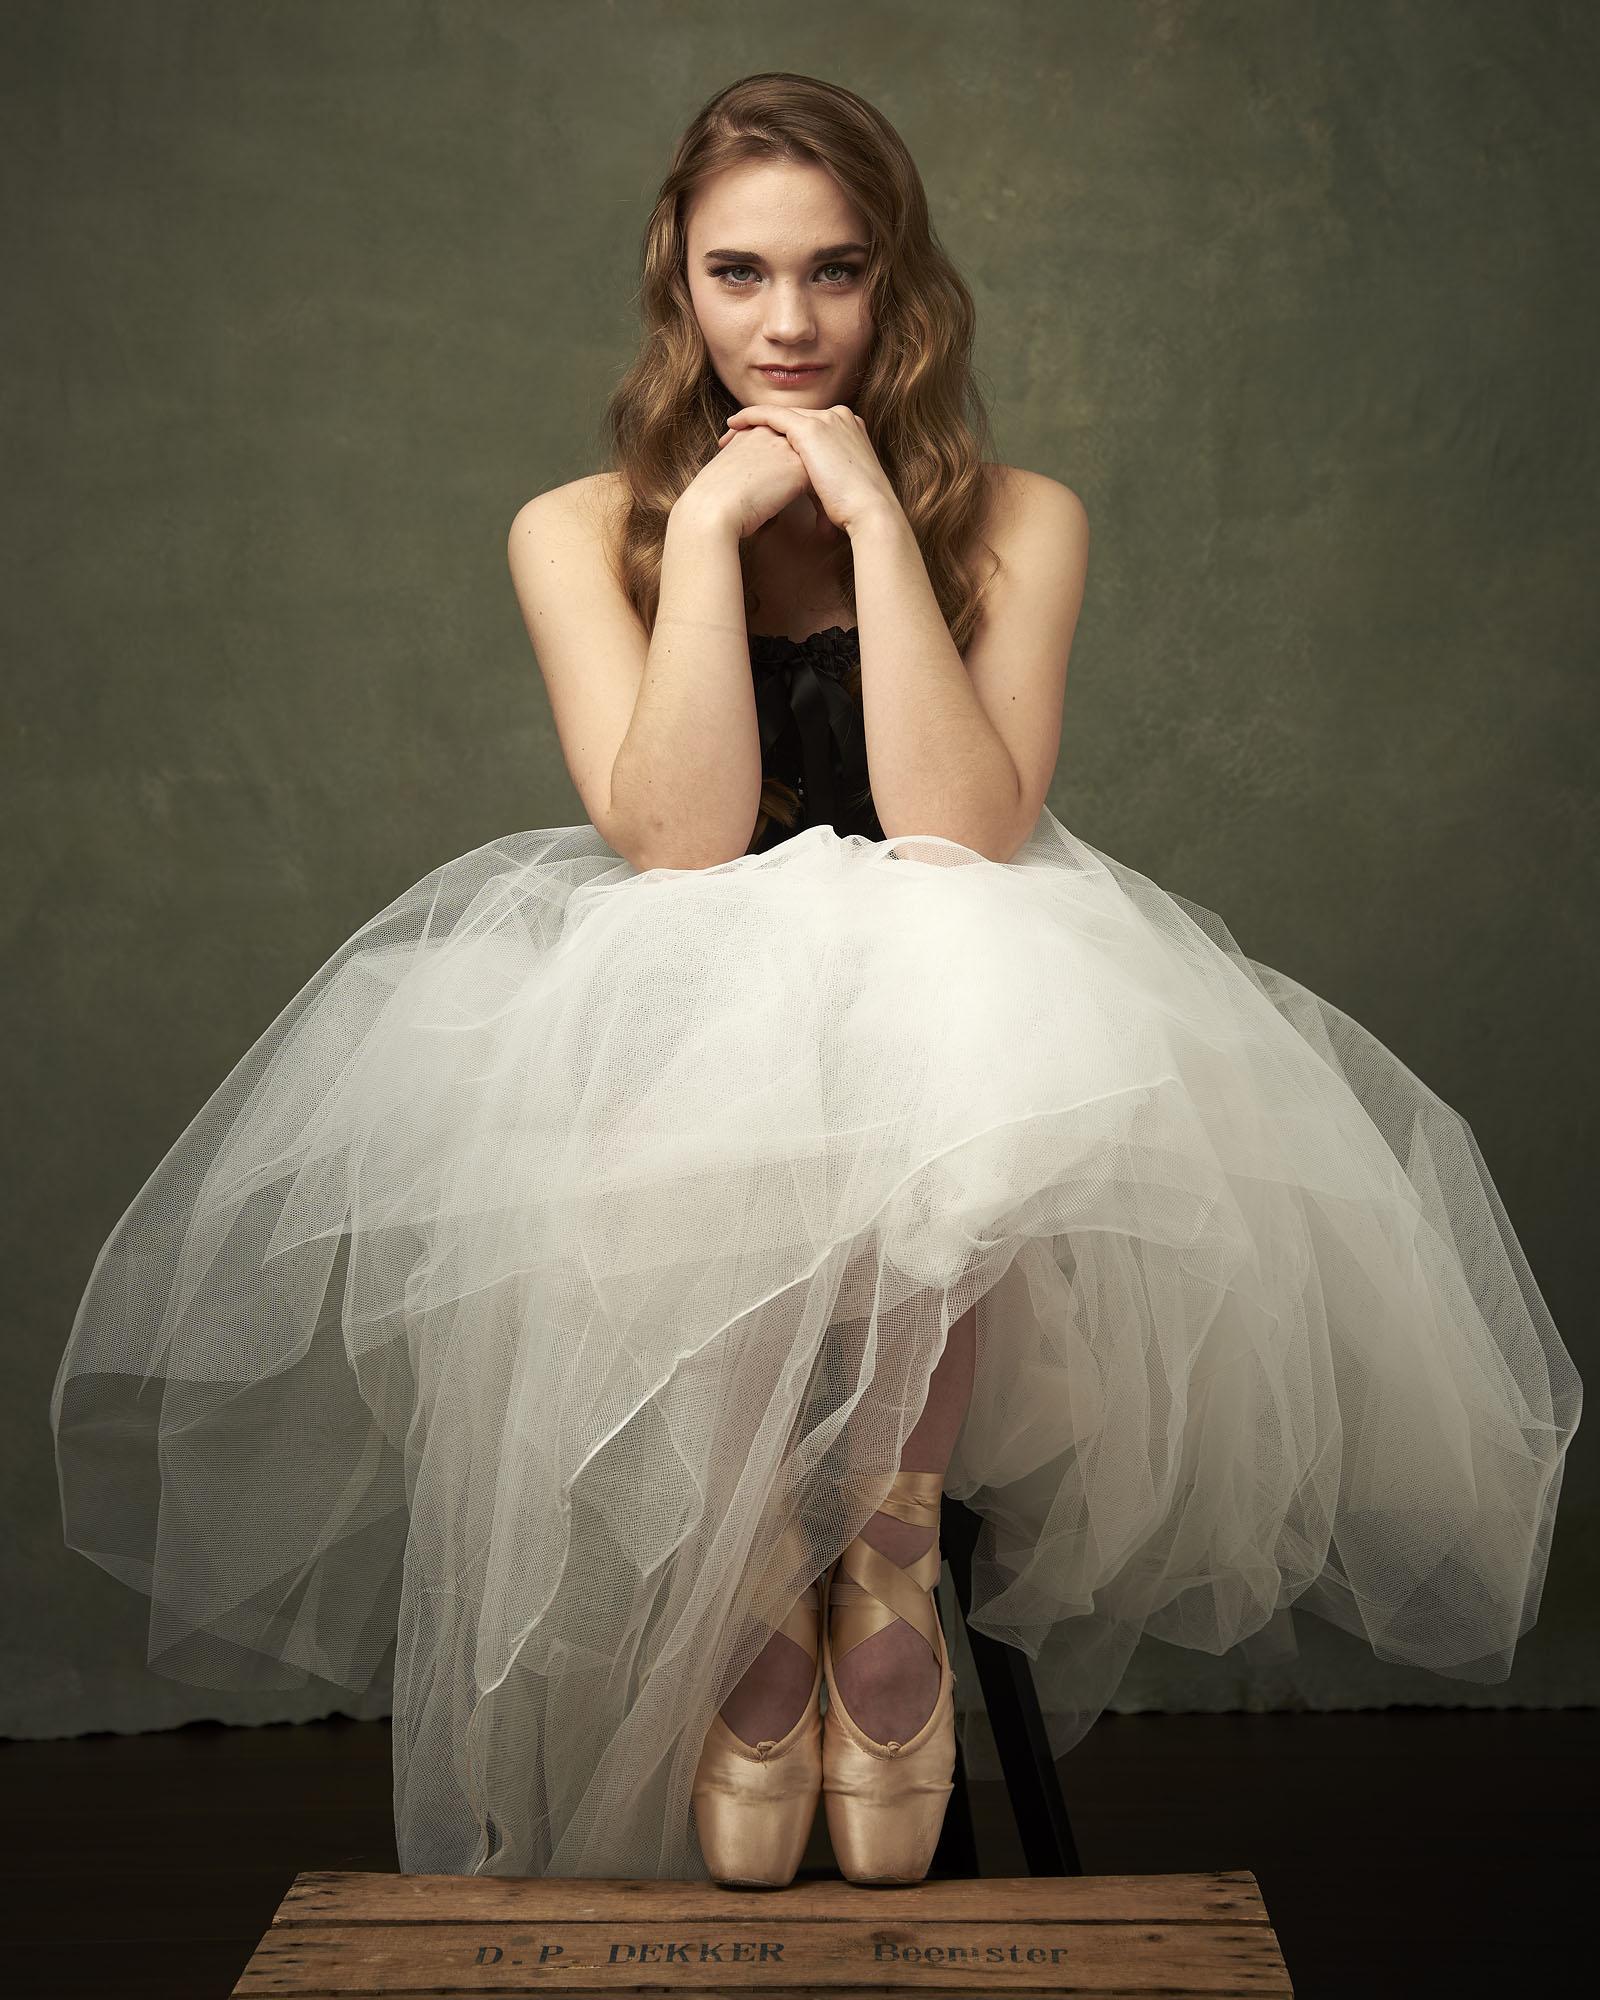 Foto van een vrouw zittend met grote tule rok en balletschoenen